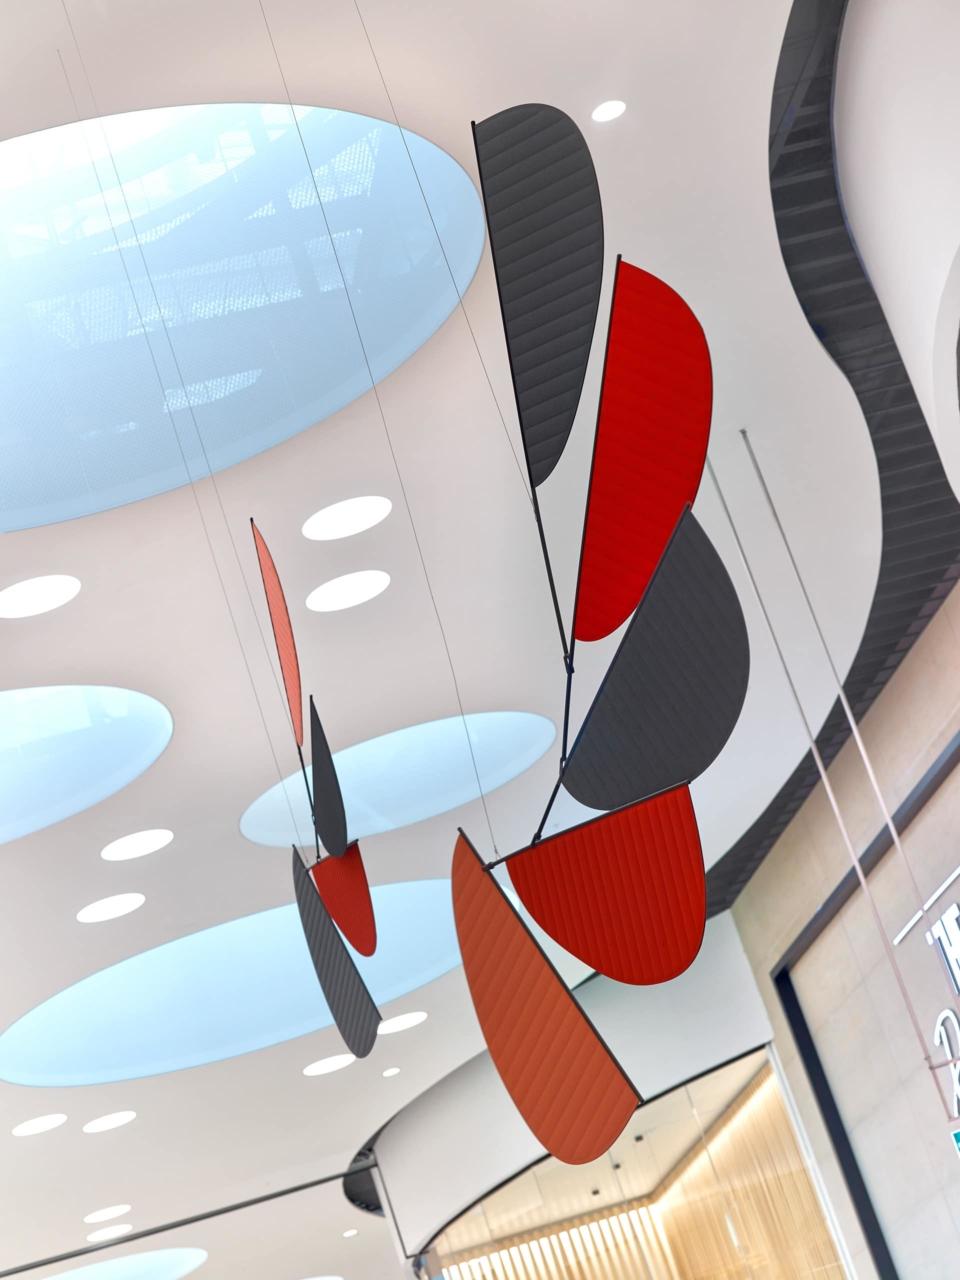 esprit mall of scandinavia